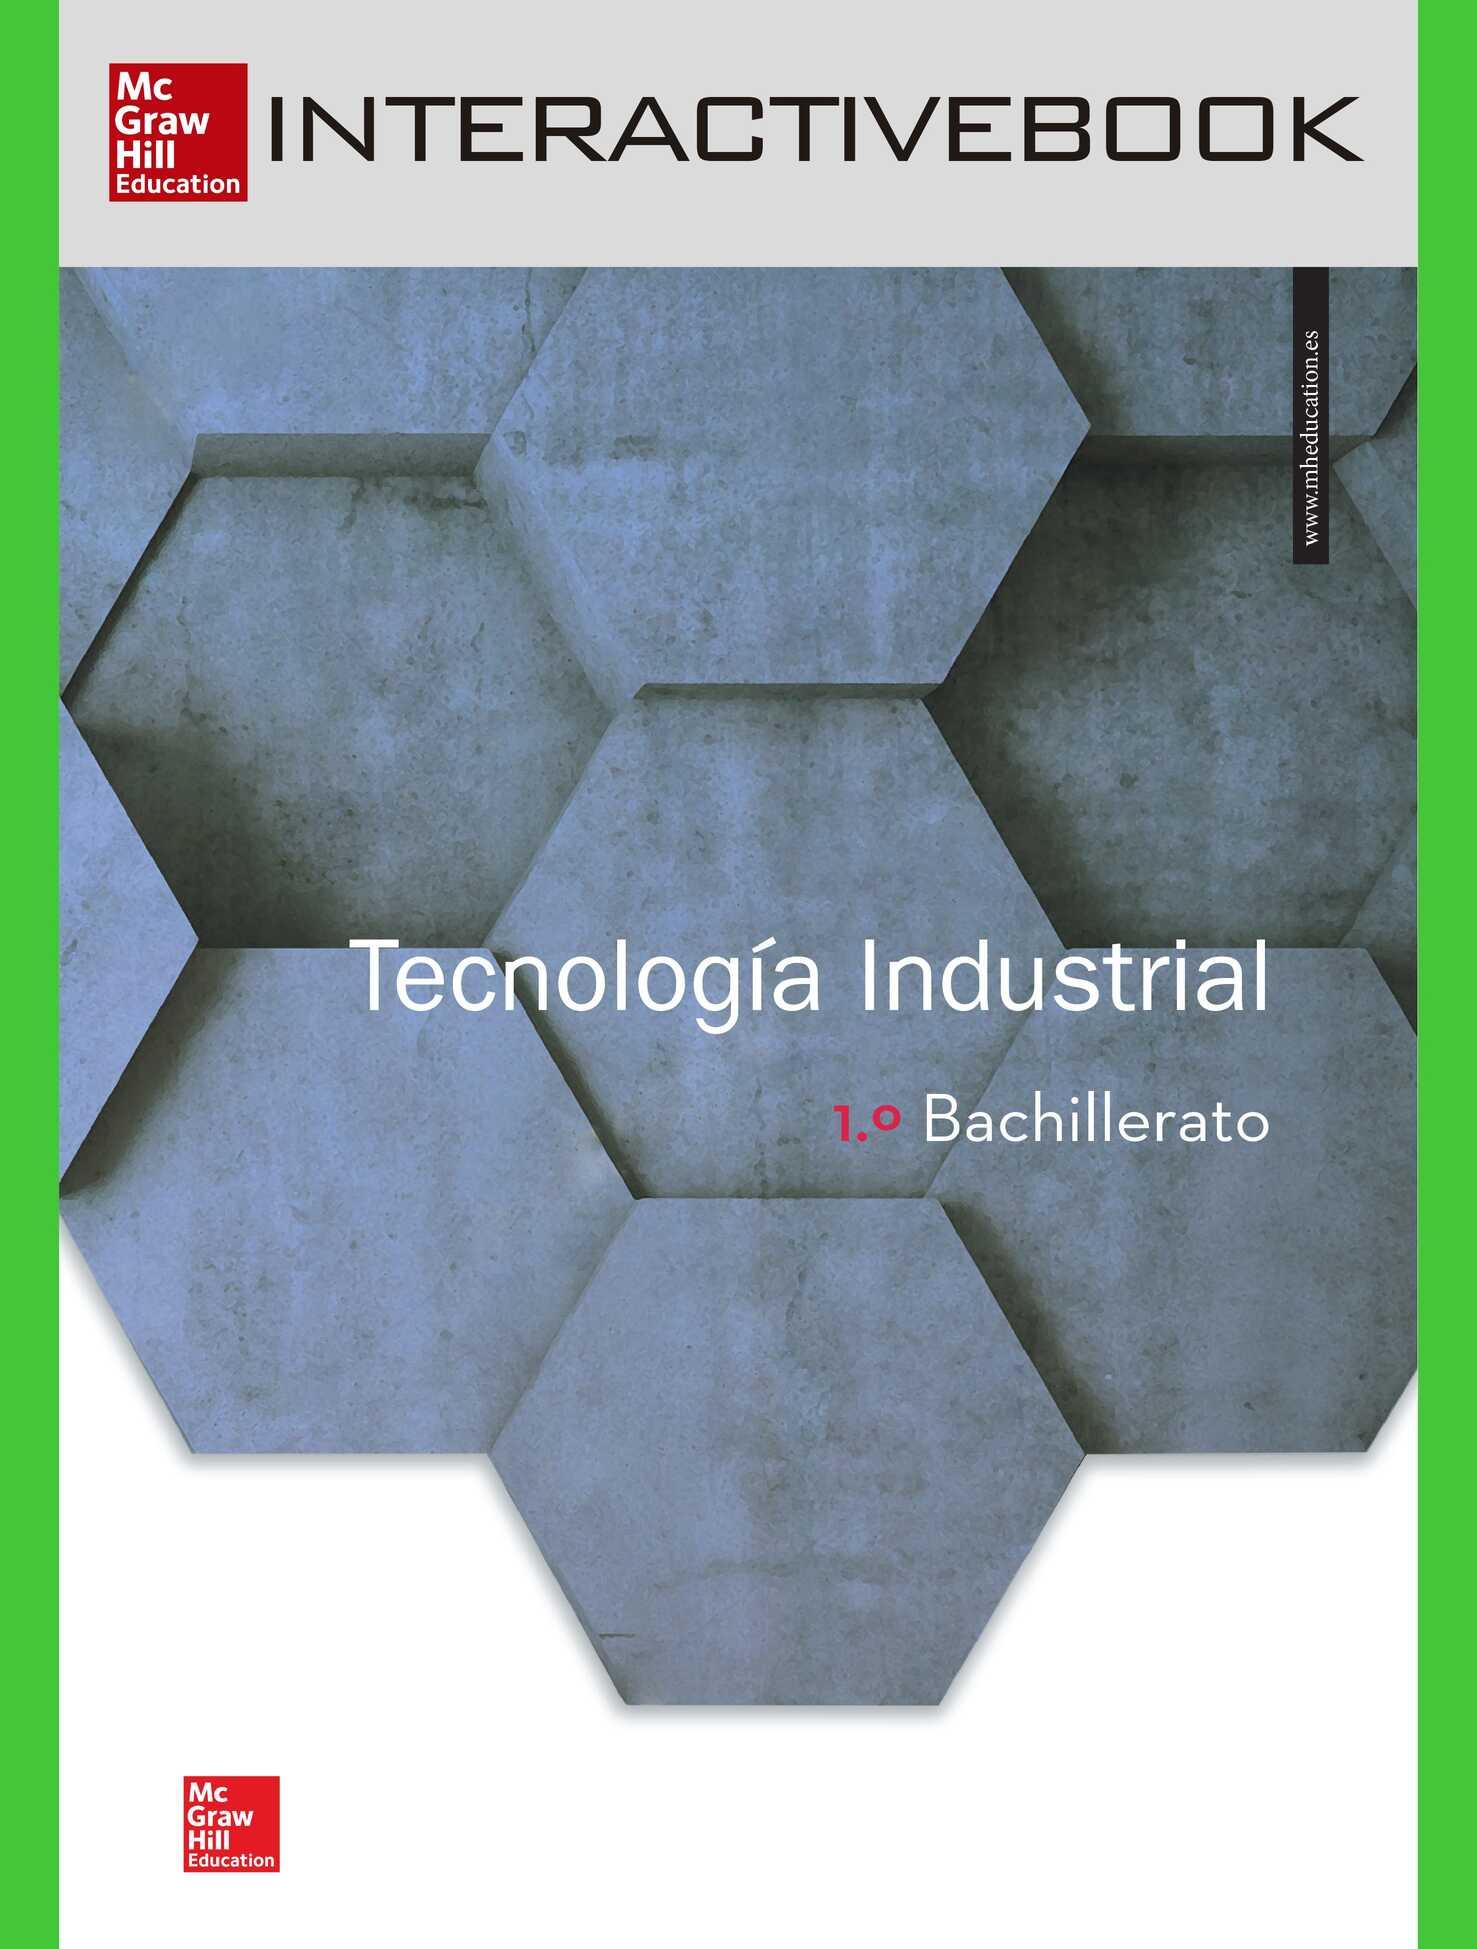 Solucionario Tecnologia Industrial 1 Bachillerato Mc Graw Hill